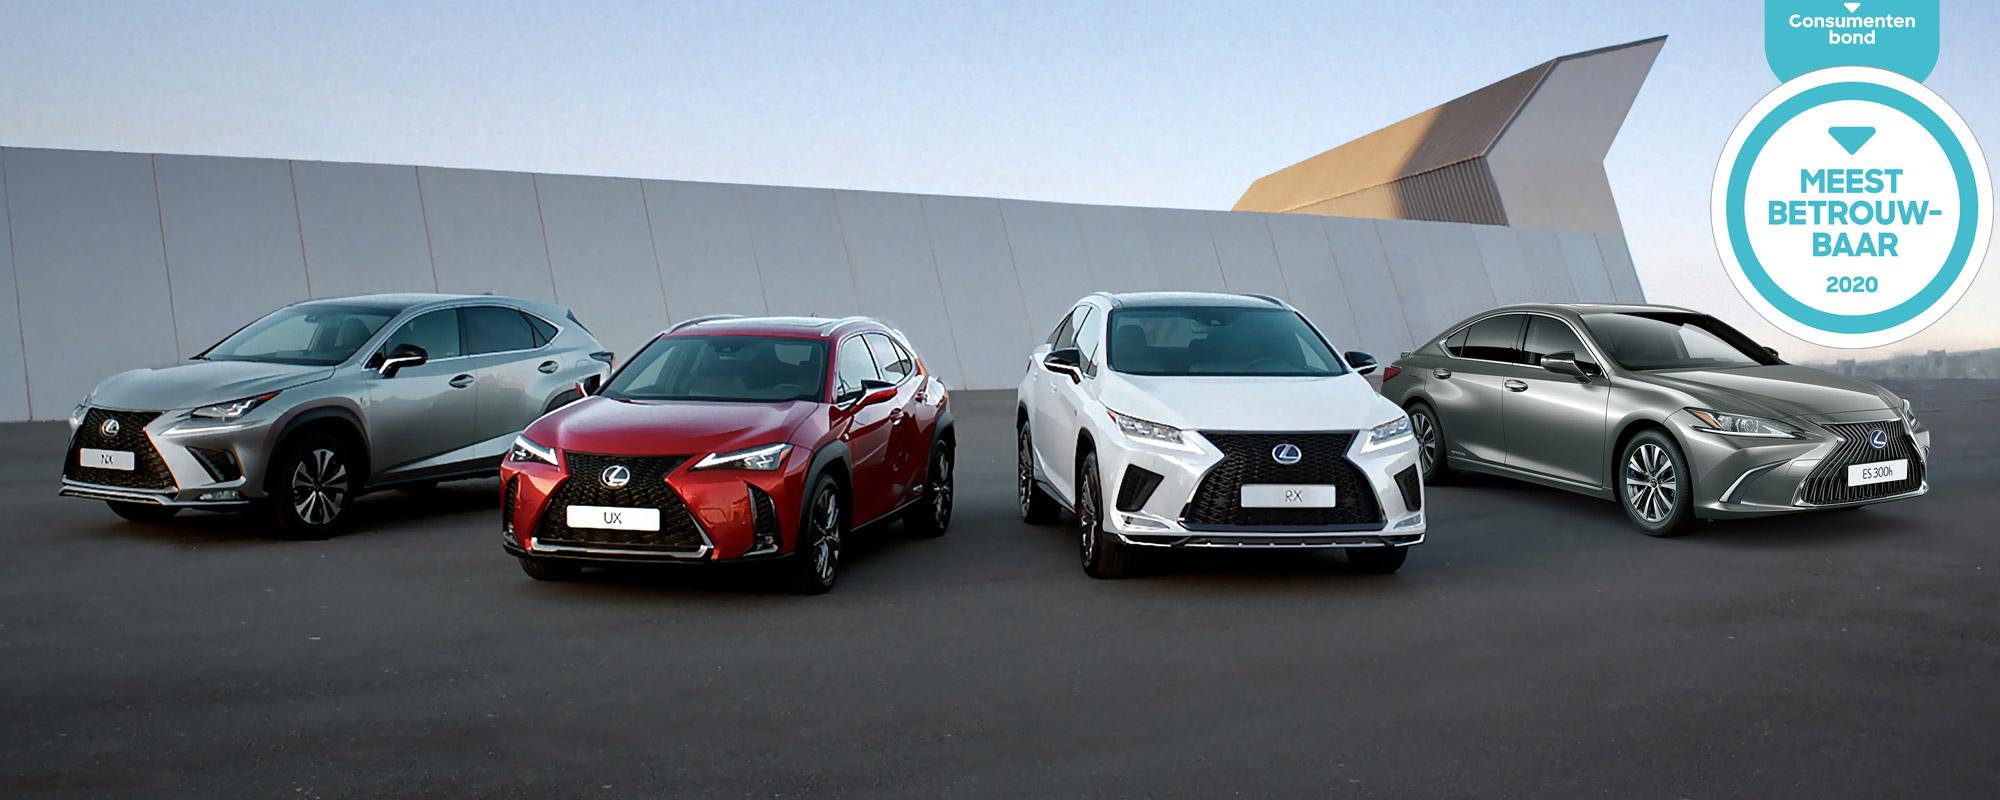 Consumentenbond: Lexus Meest Betrouwbare Merk 2020